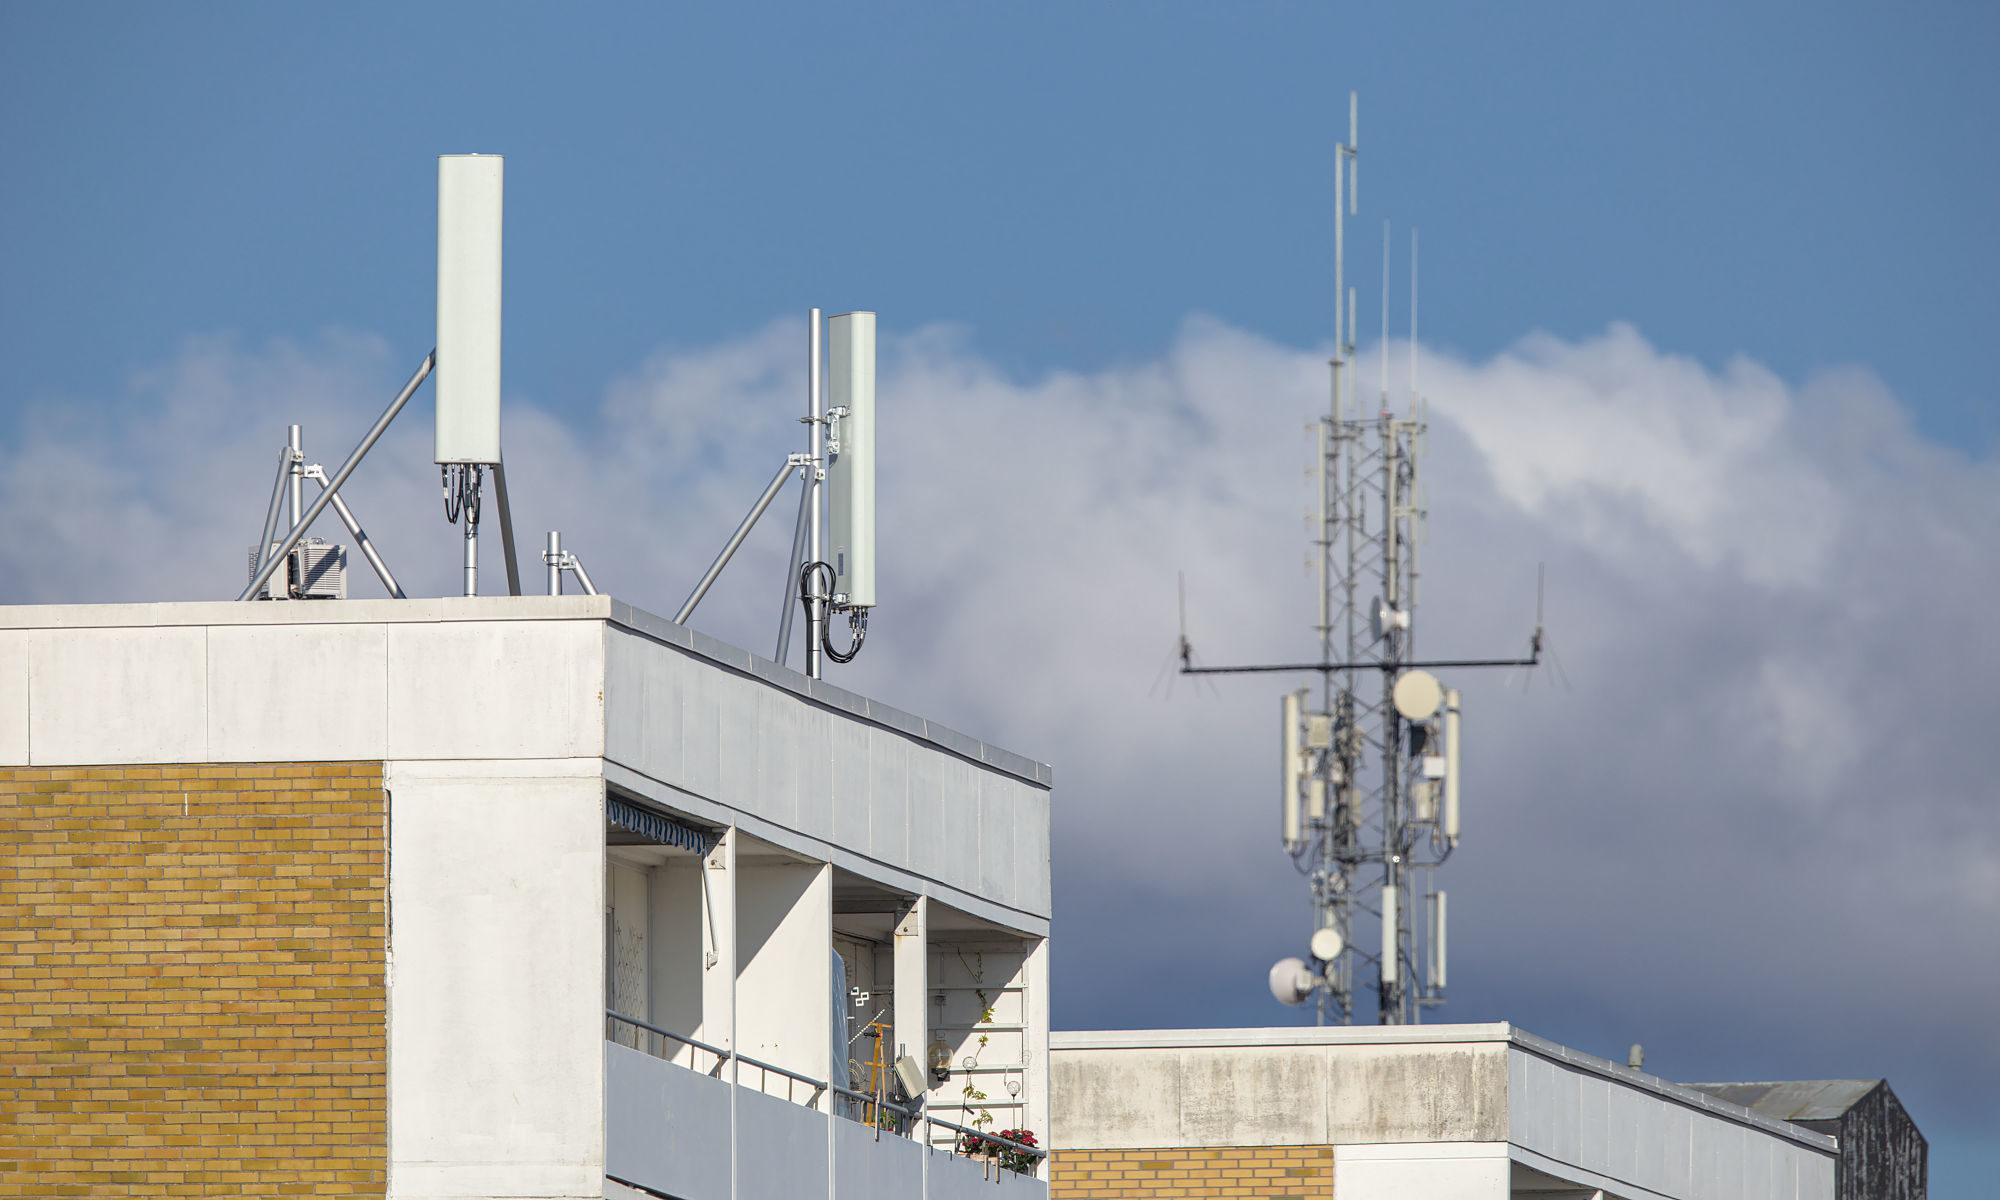 Mobilbasstationer på hyreshus och mast i Ängelholm